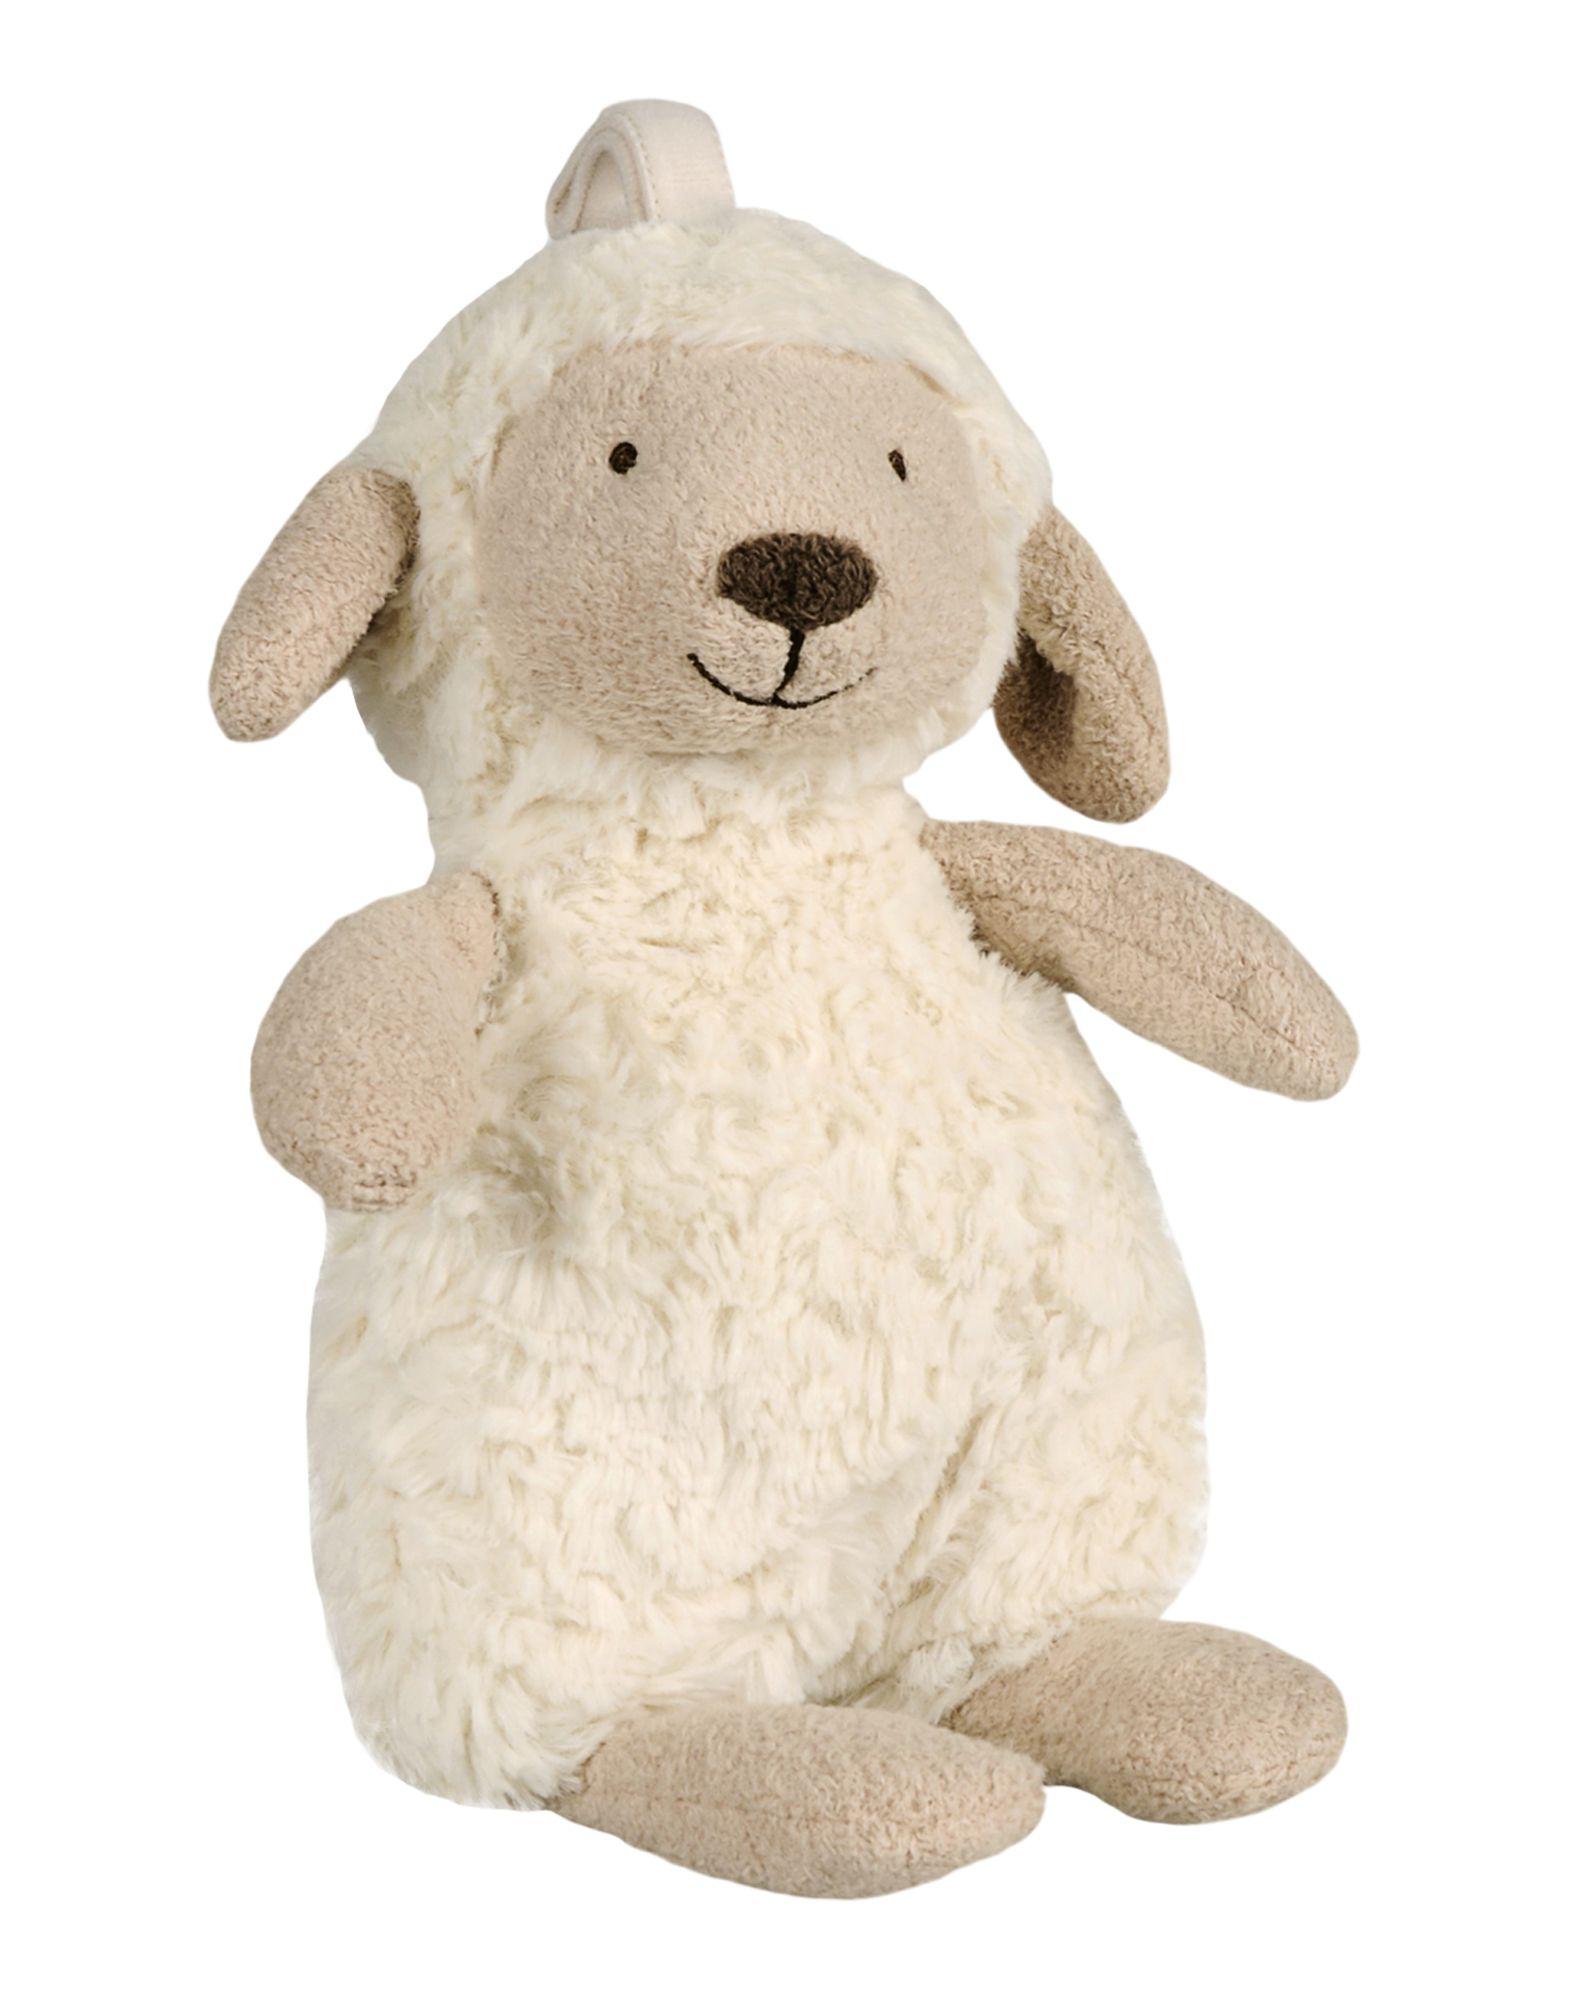 JELLYCAT Музыкальная мягкая игрушка малышарики мягкая игрушка собака бассет хаунд 23 см